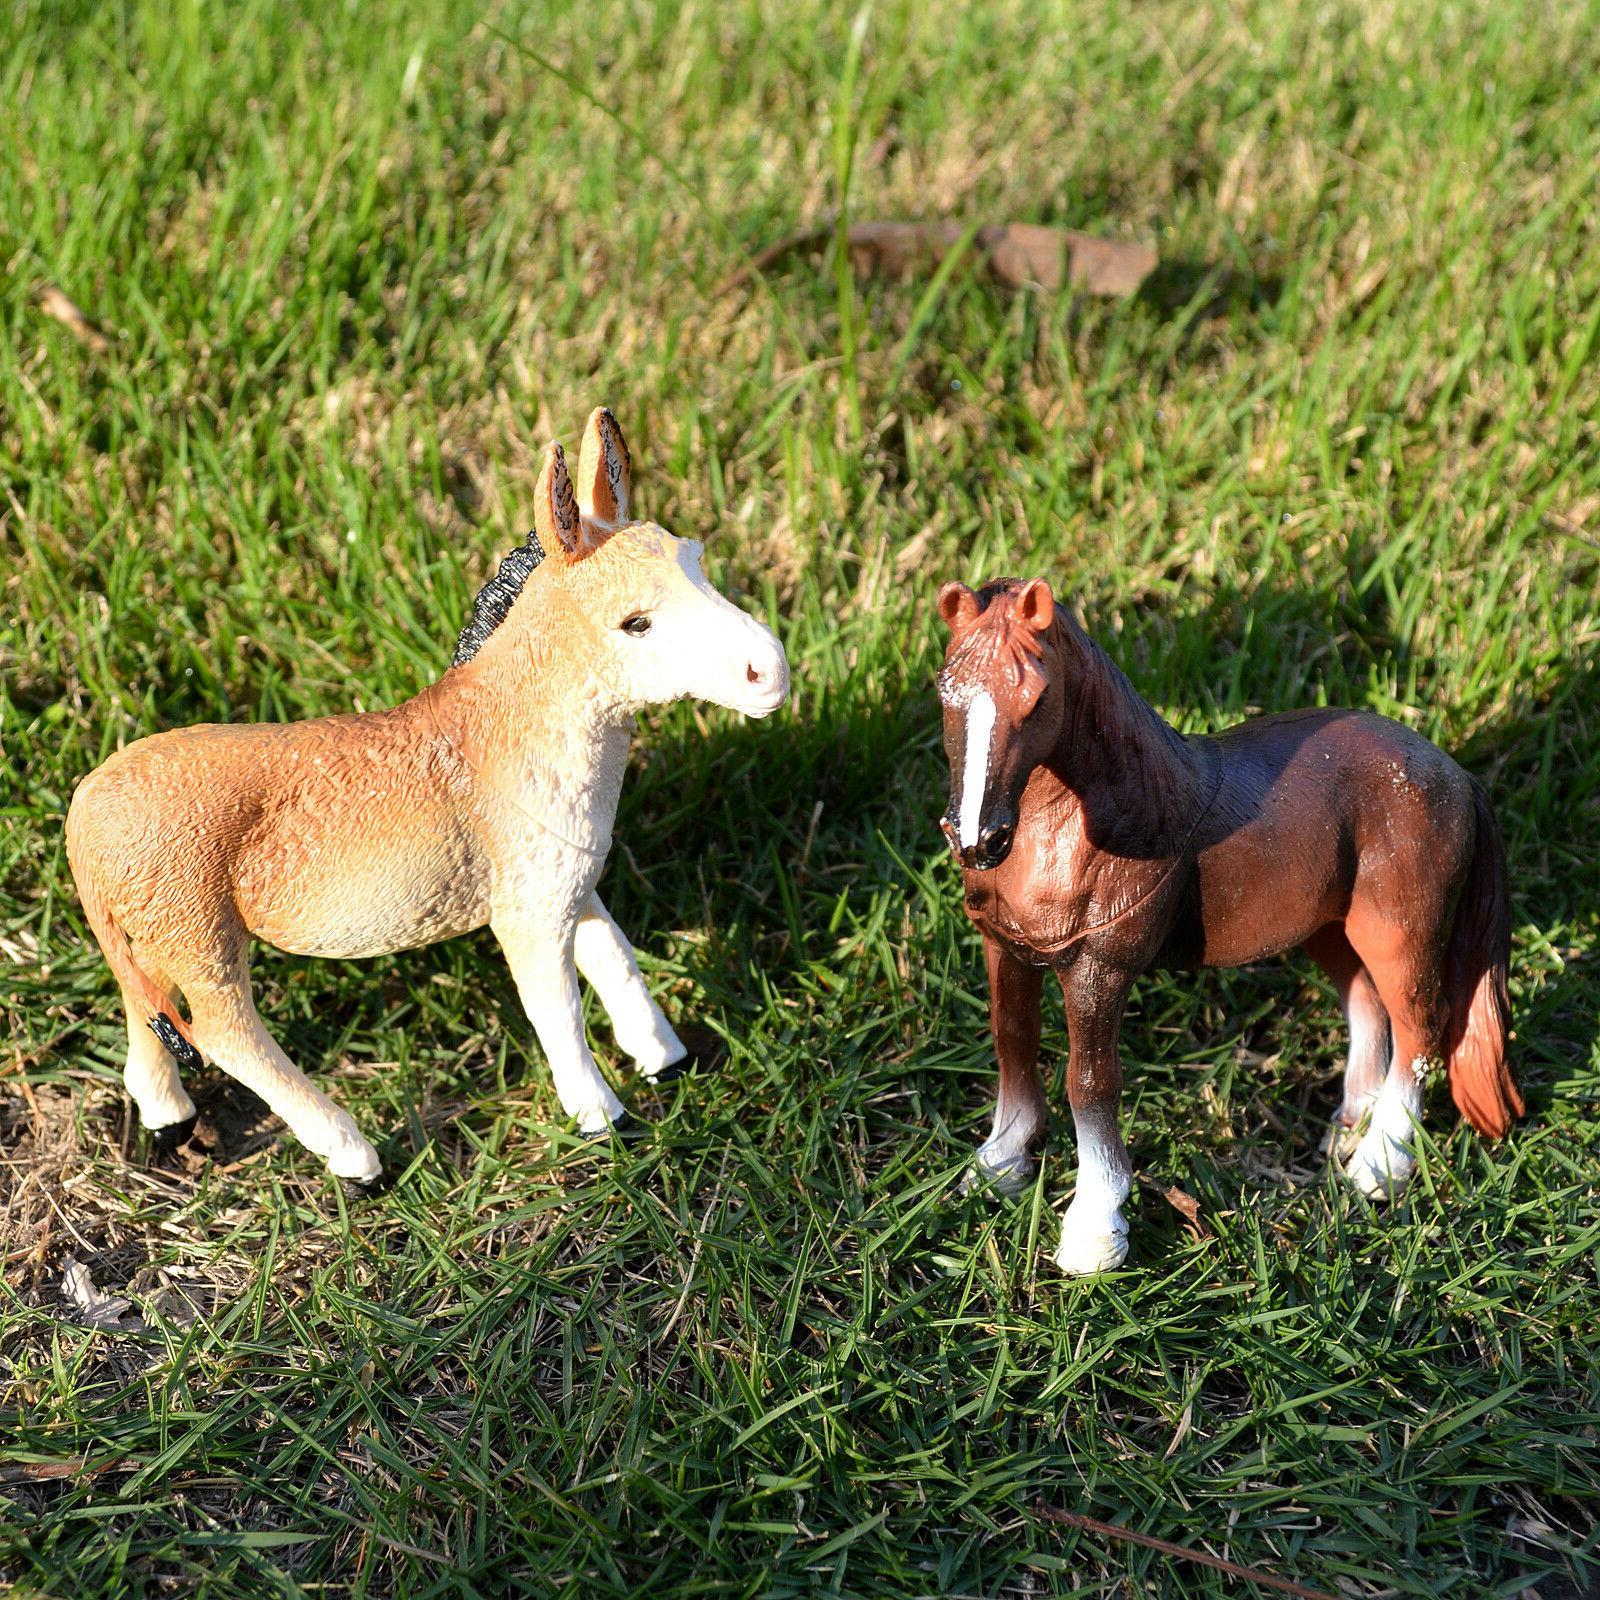 6 Animals Toys Donkey Sheep Goat